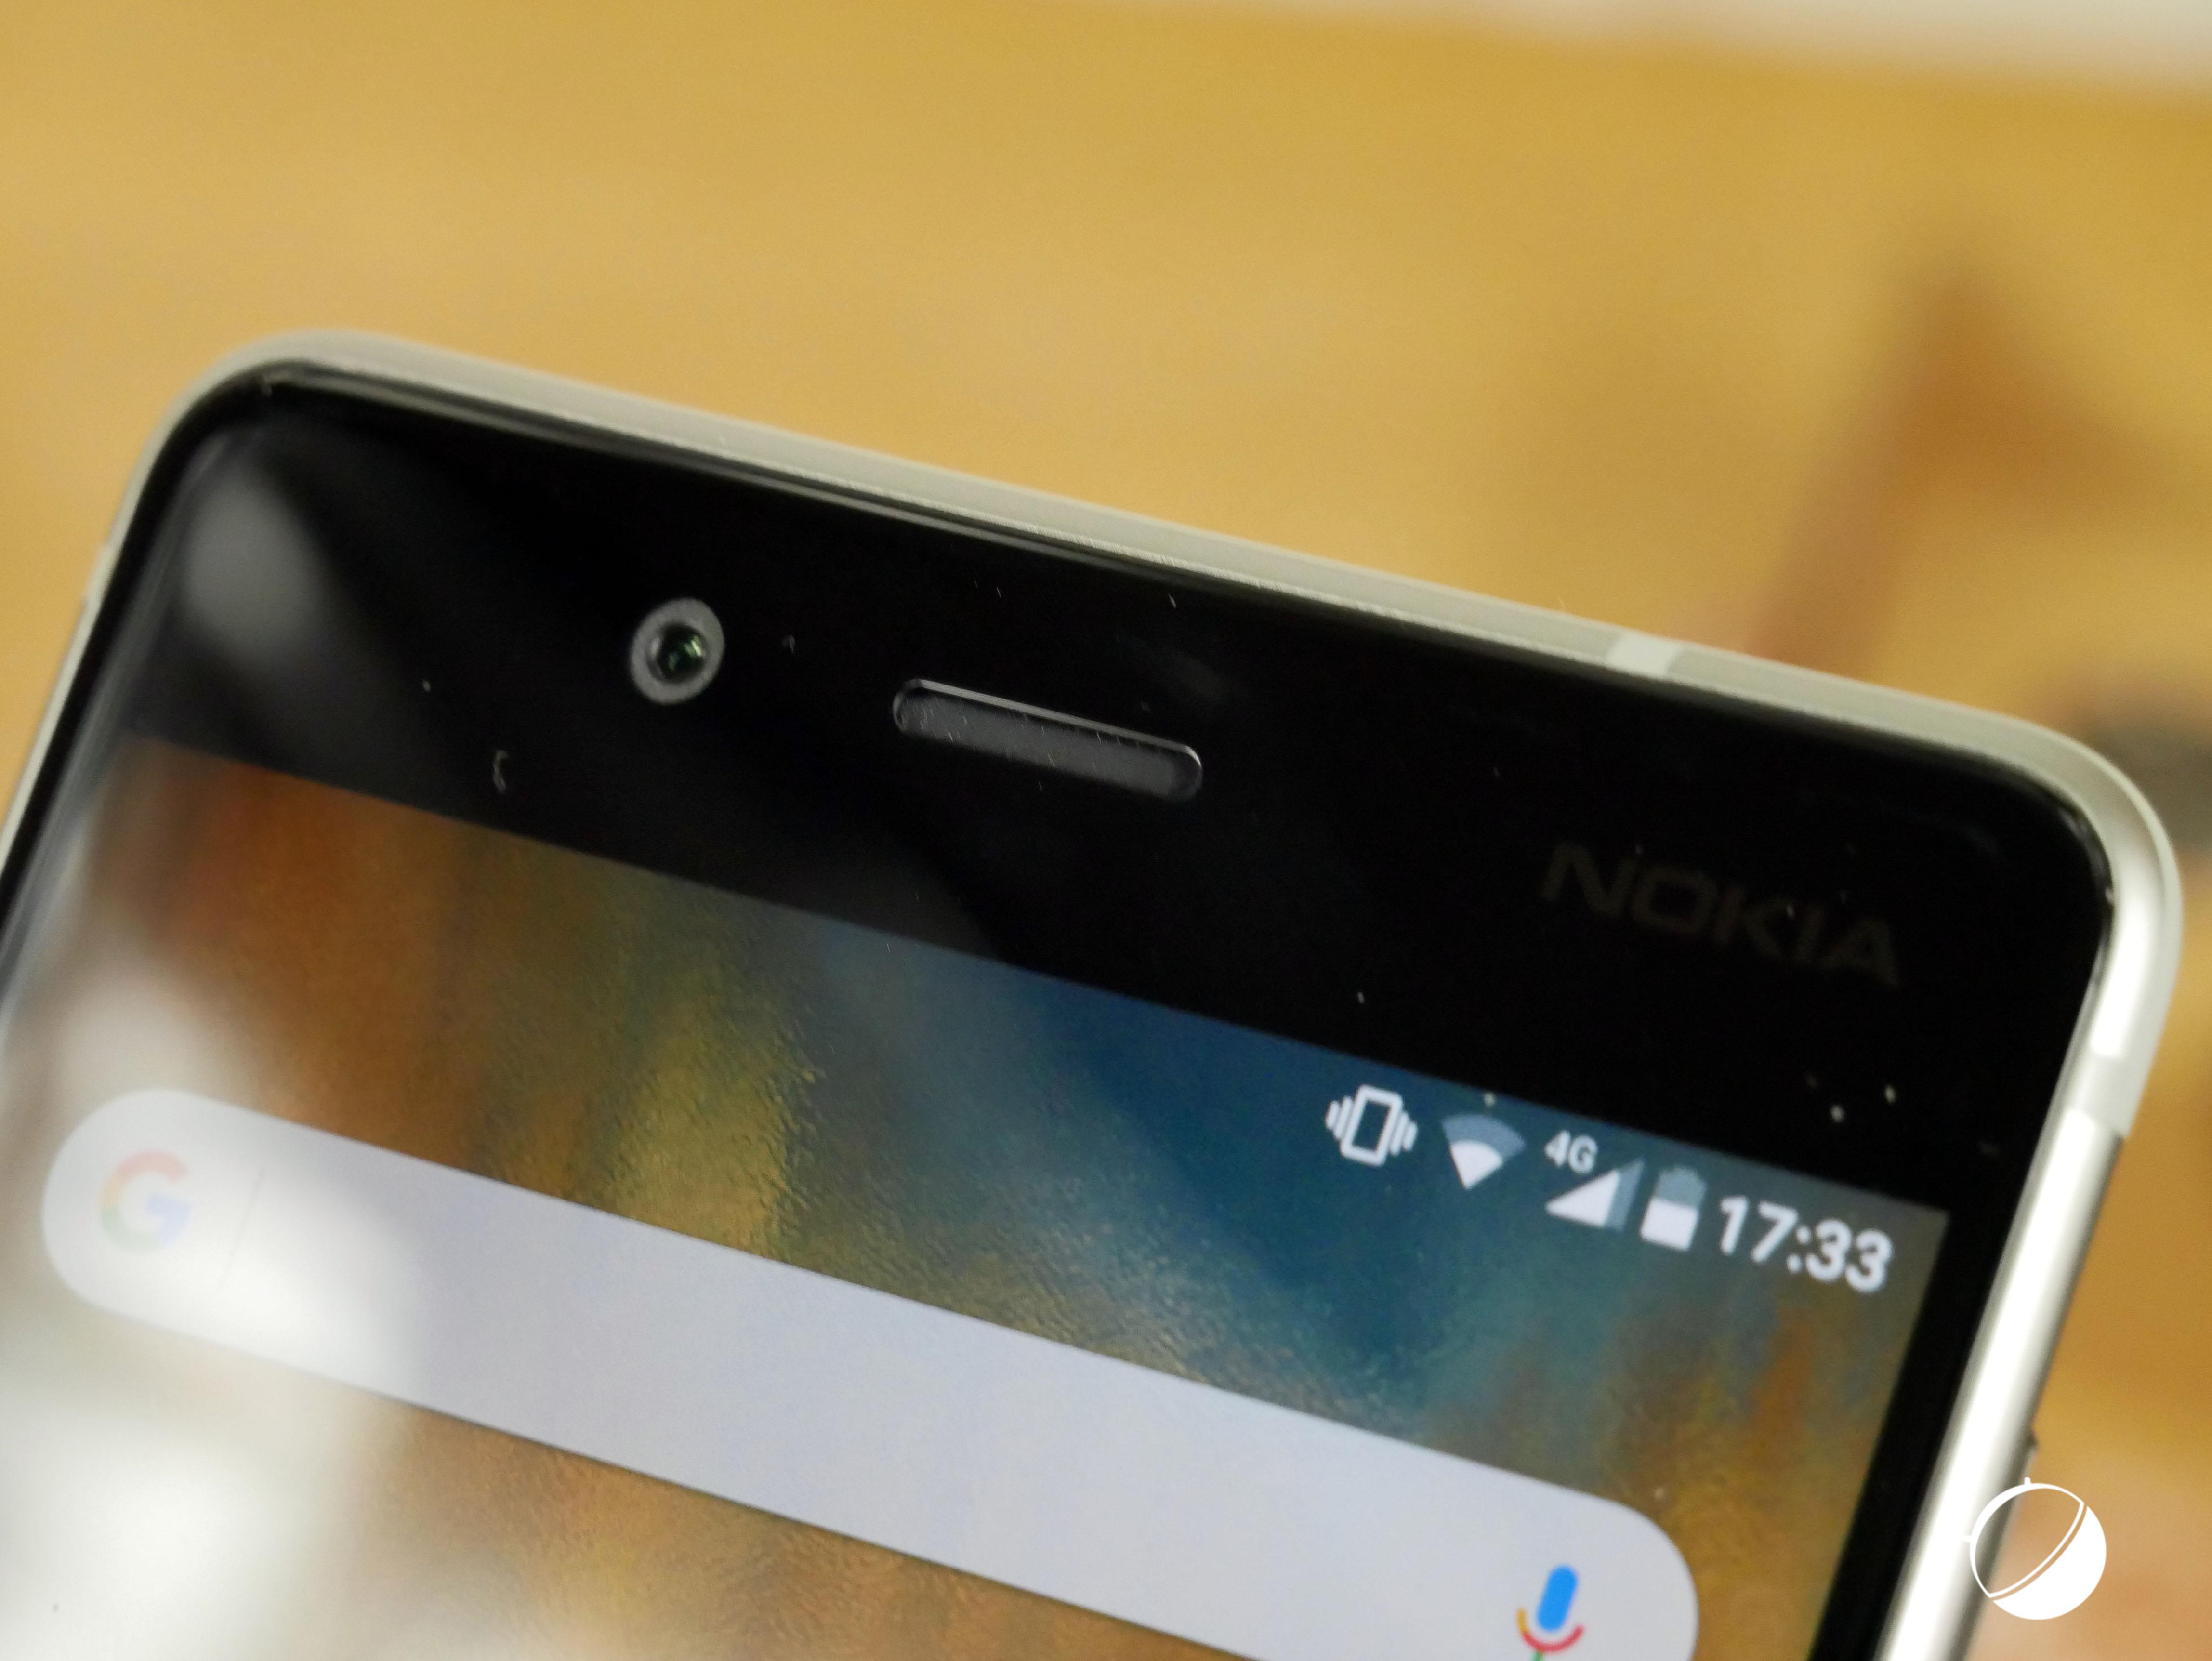 Nokia 9:un double capteur photo en façade?